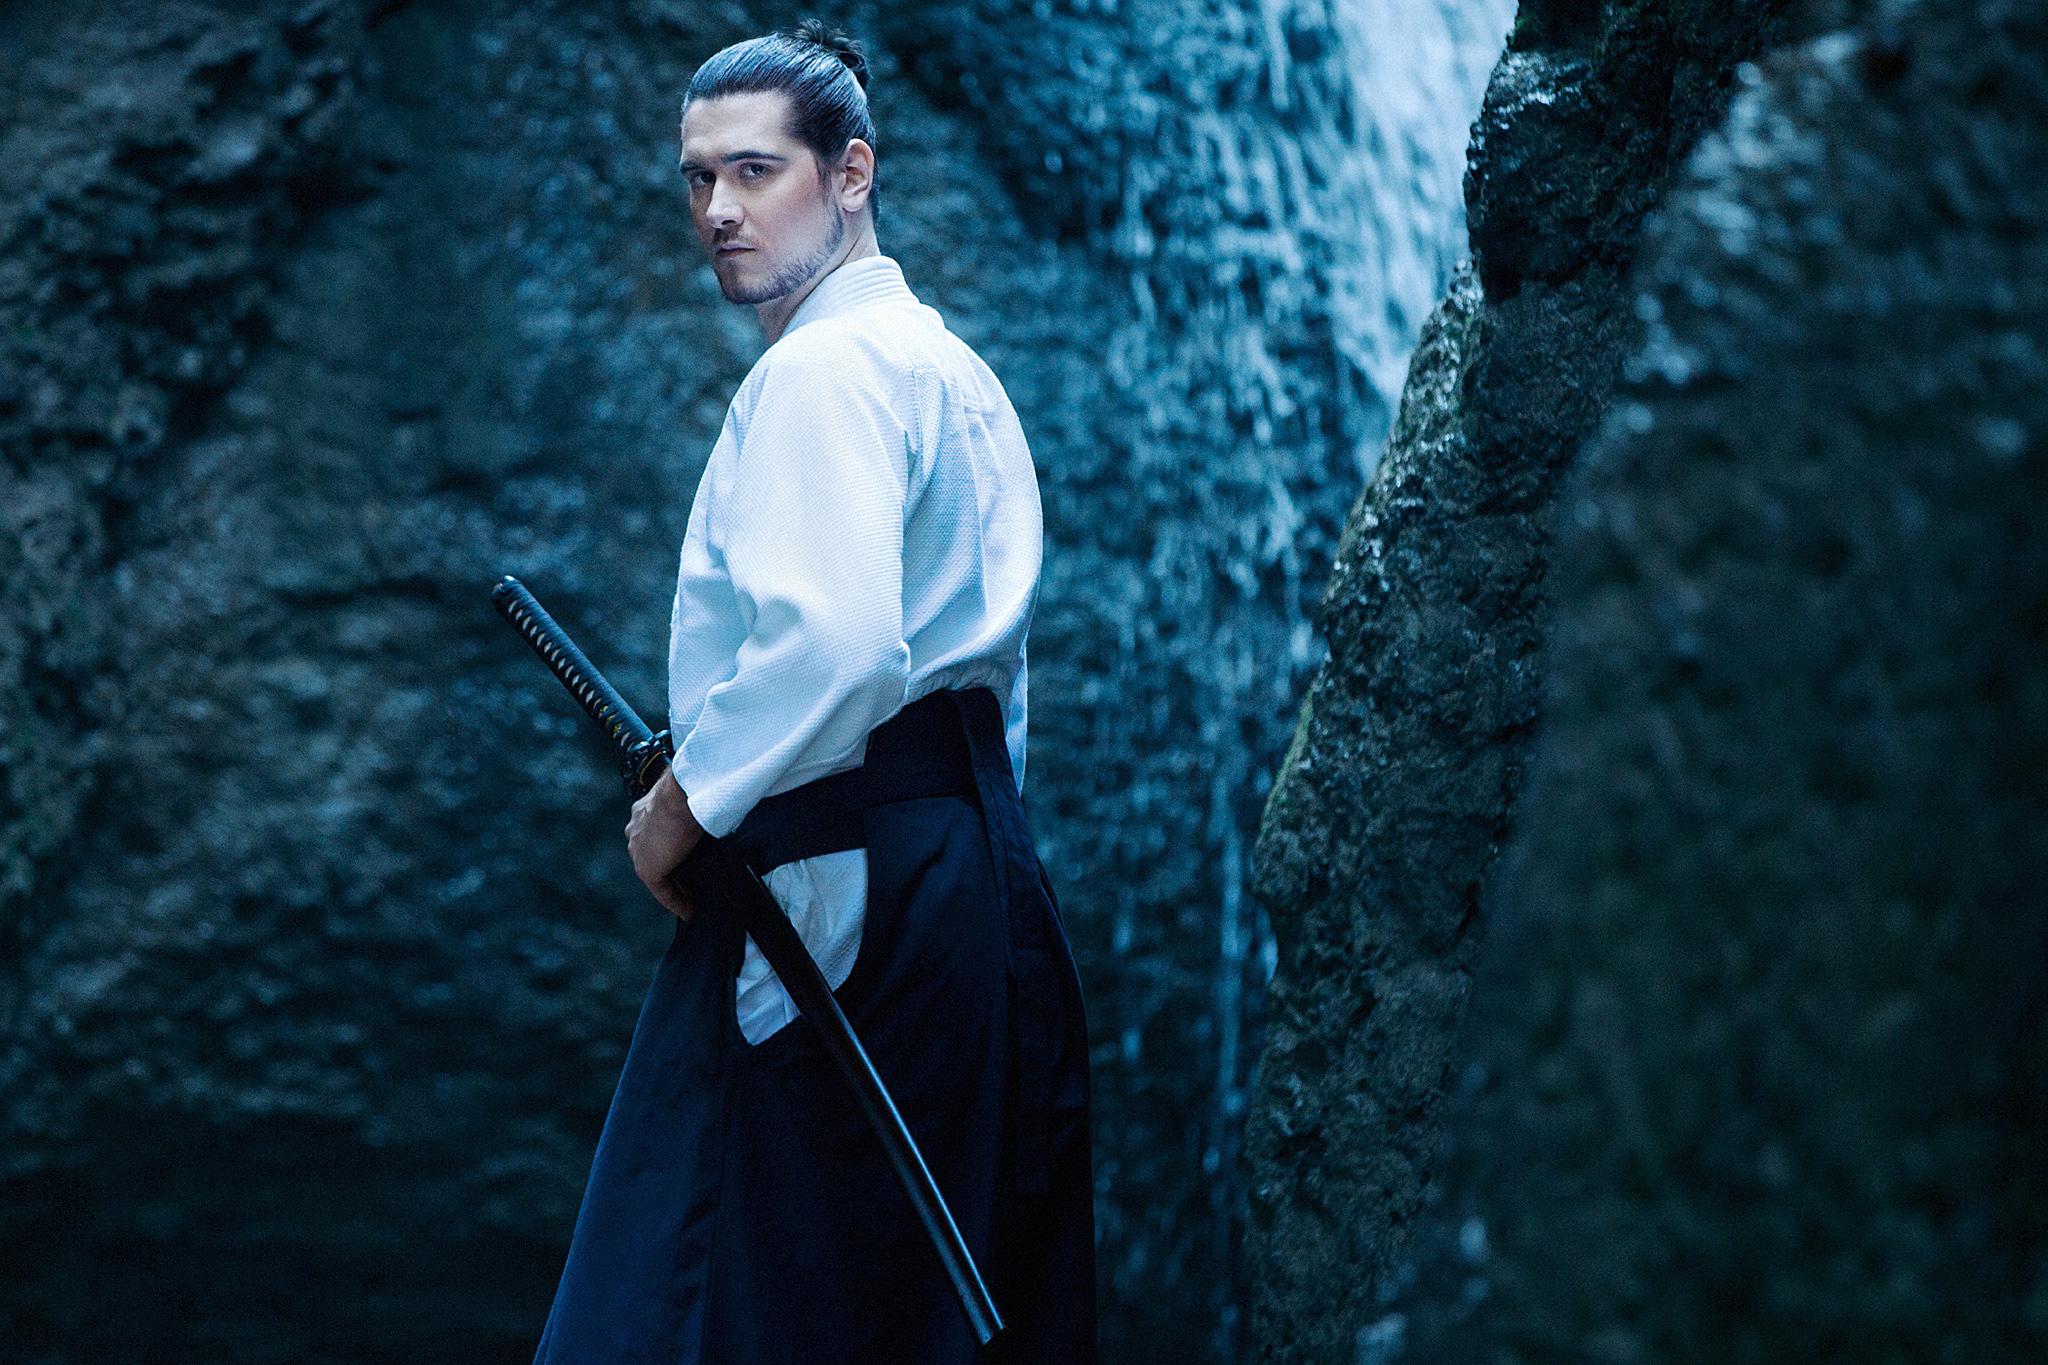 Samurai © timo orubolo | www.orubolo.ch